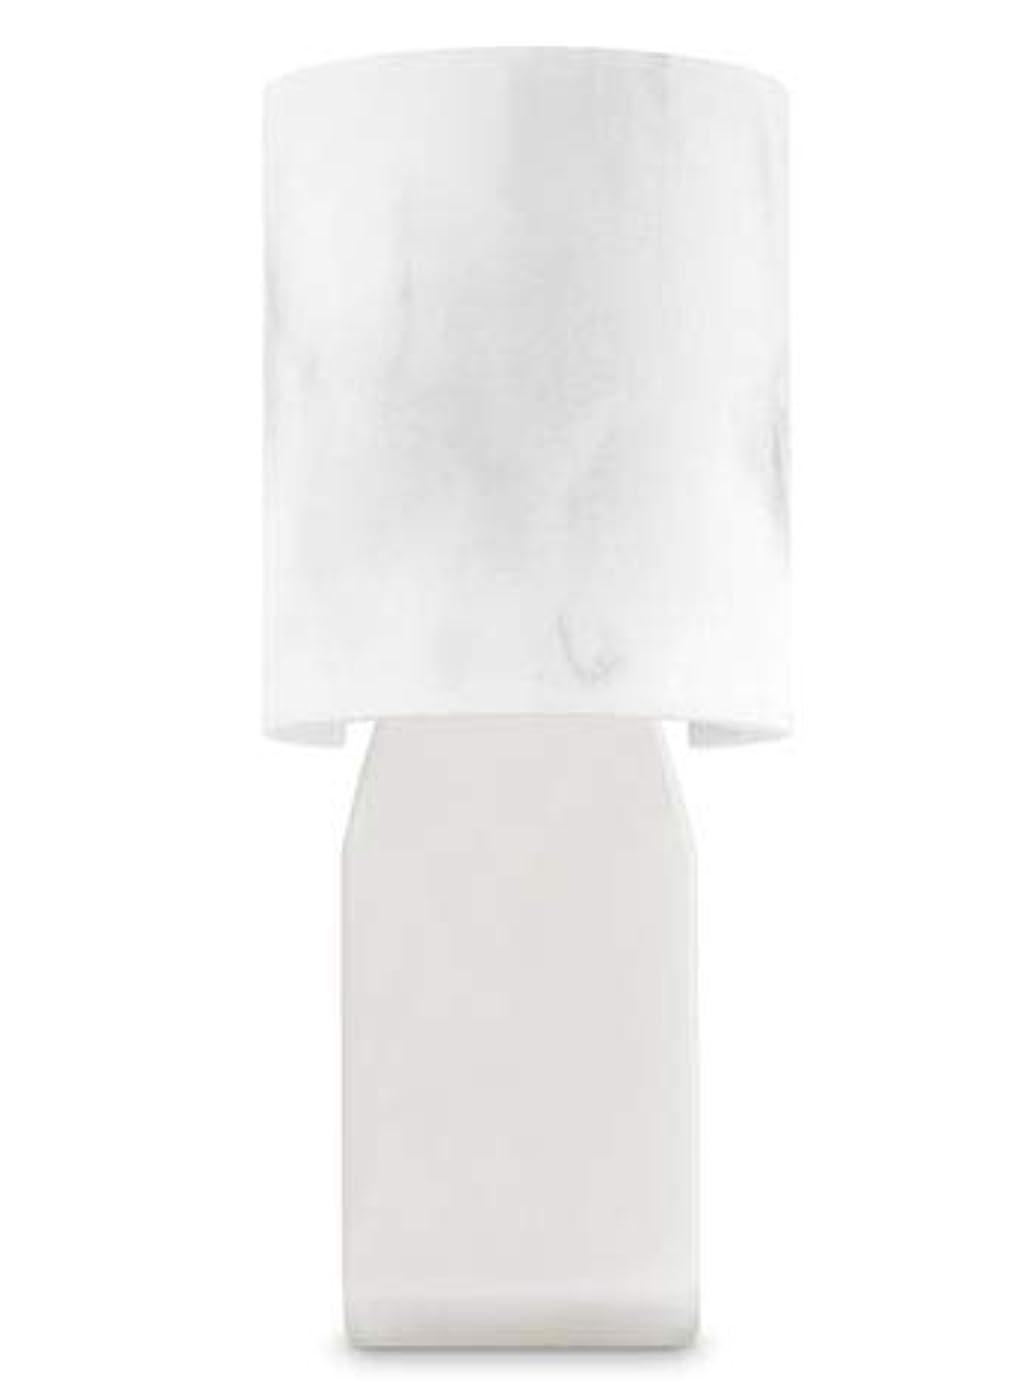 間違えた広告主さわやか【Bath&Body Works/バス&ボディワークス】 ルームフレグランス プラグインスターター (本体のみ) 大理石風 Wallflowers Fragrance Plug Faux Marble [並行輸入品]